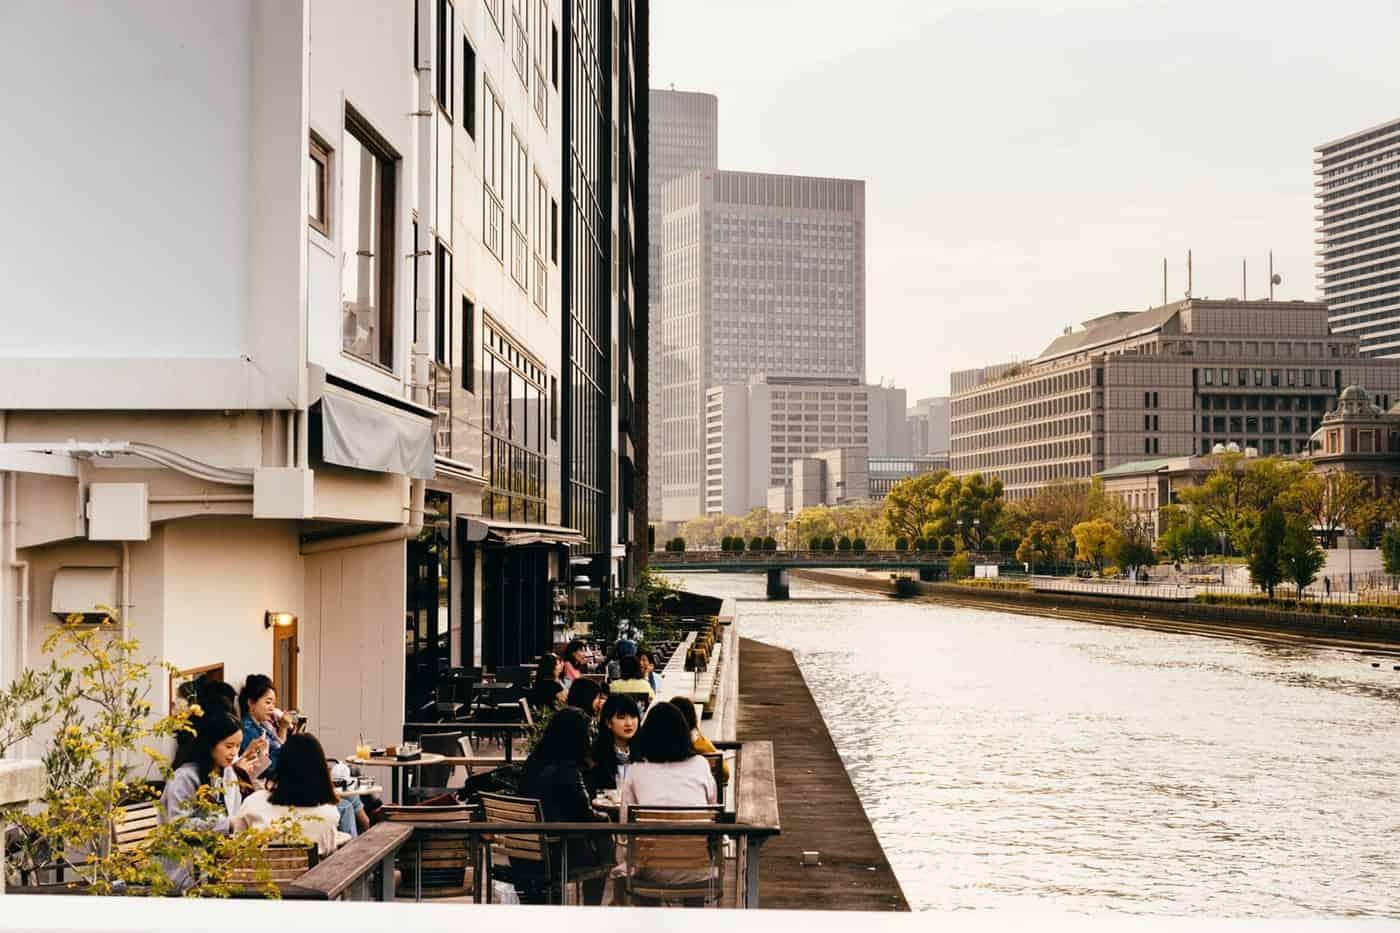 Cafe hopping in Osaka